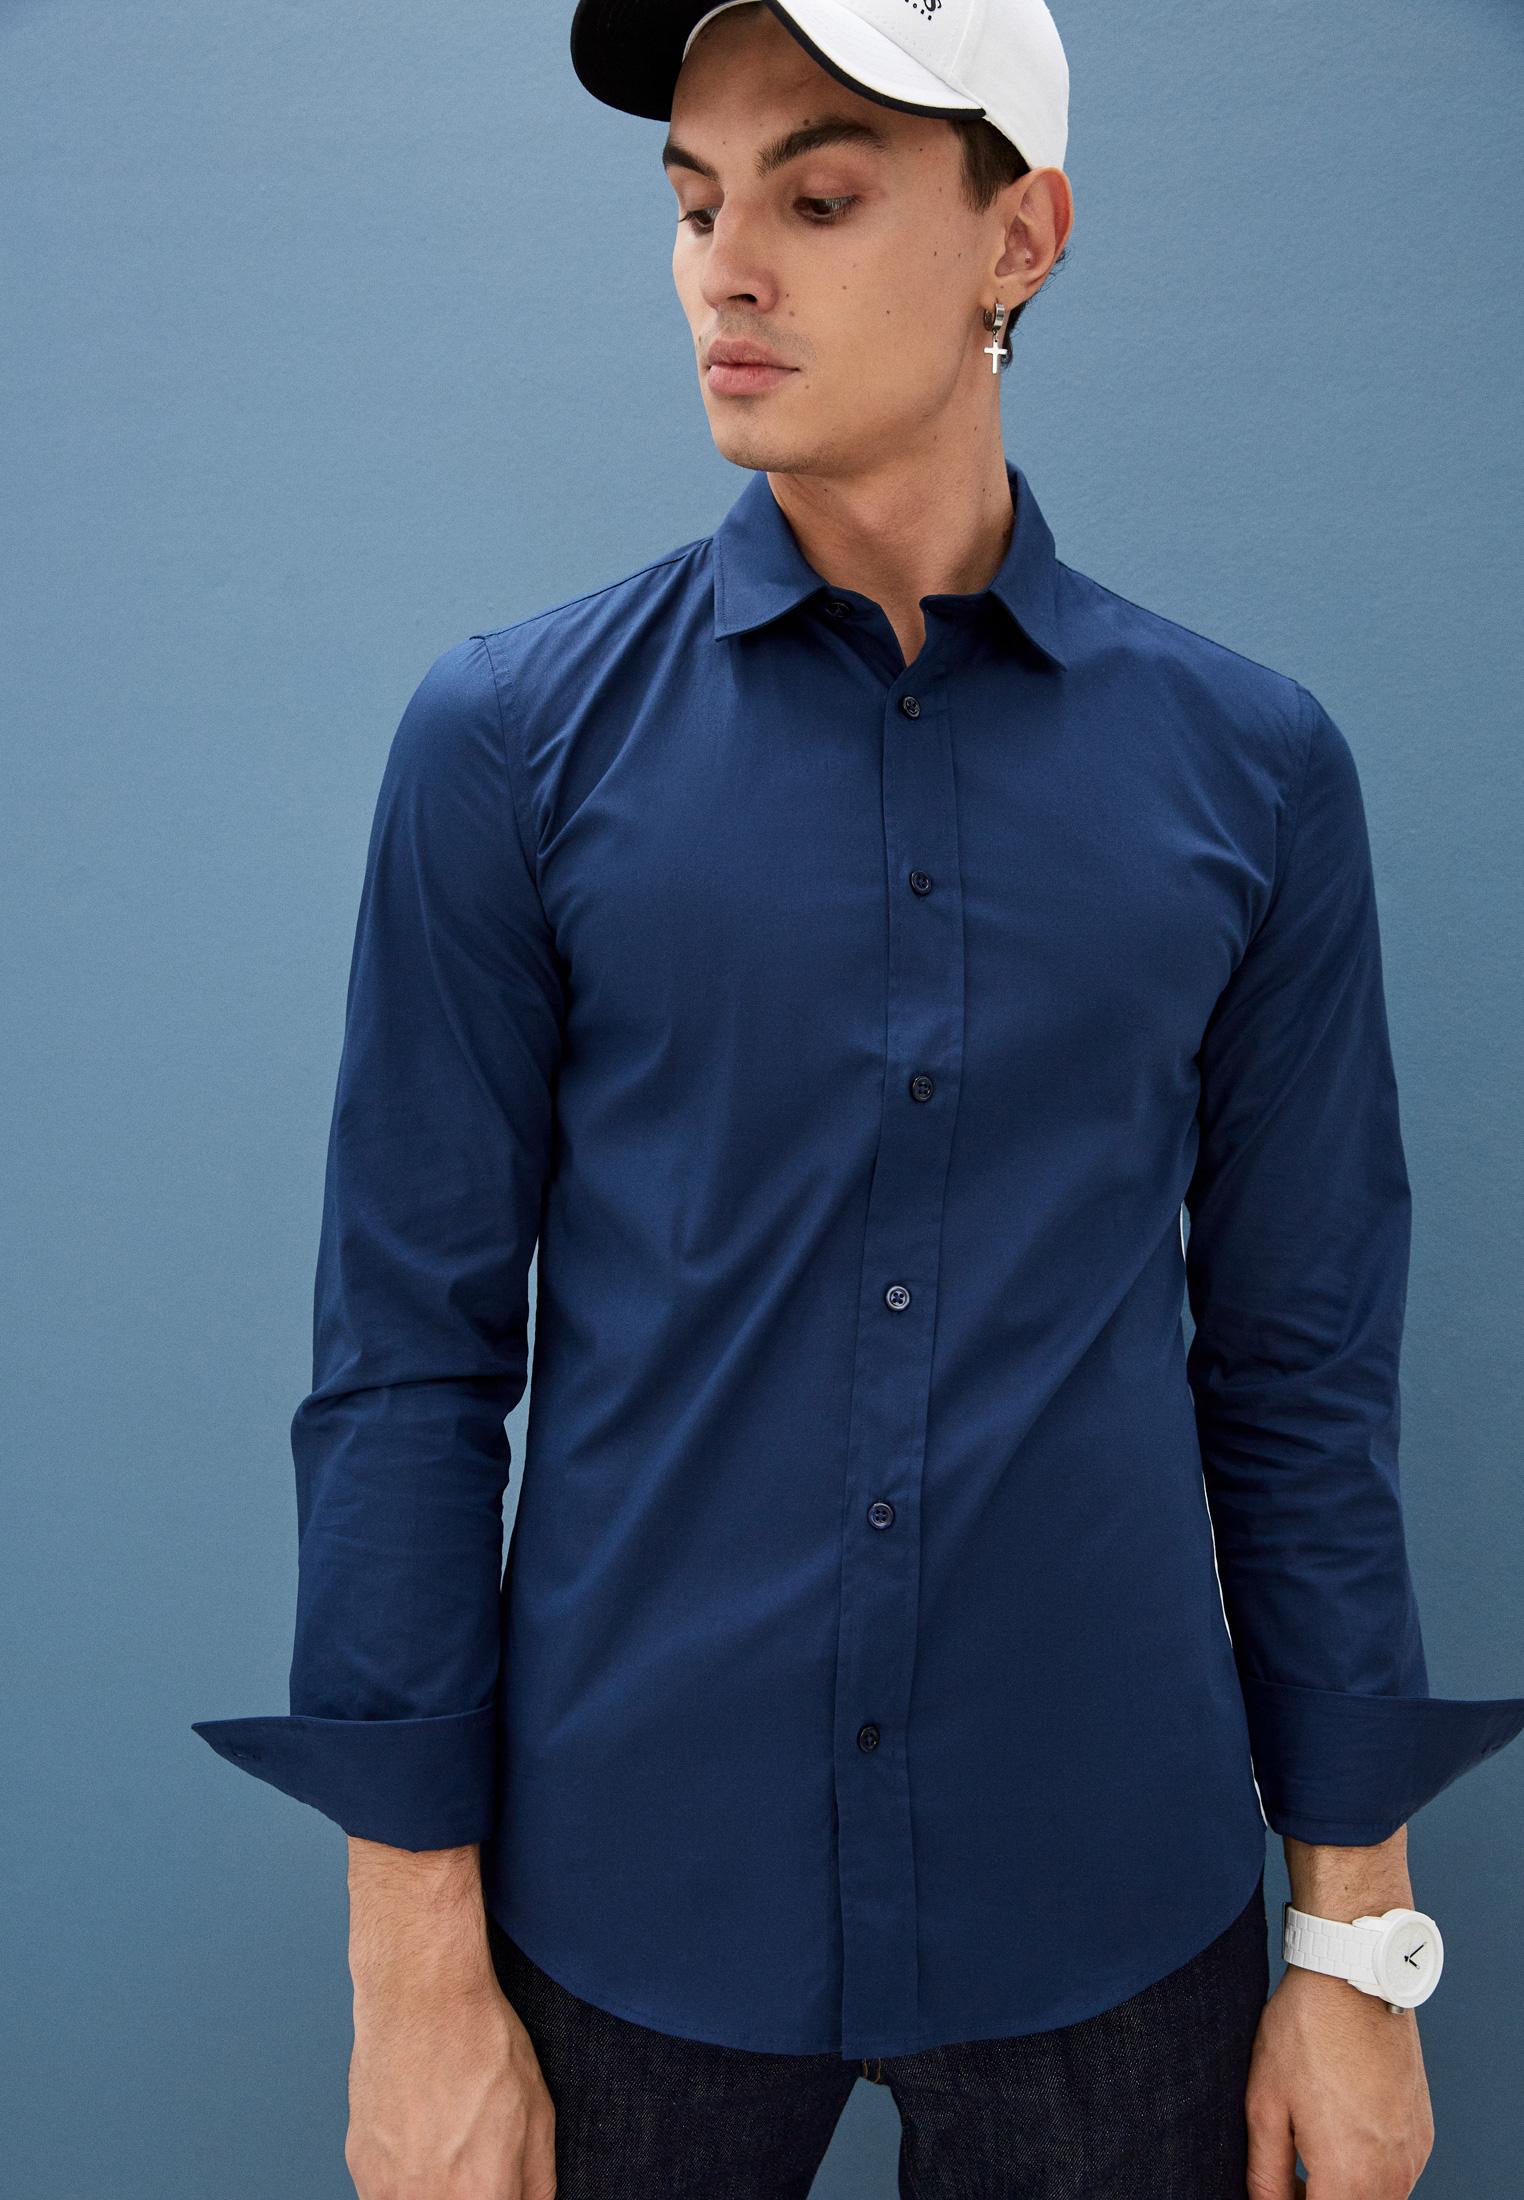 Рубашка с длинным рукавом Bikkembergs (Биккембергс) C C 055 81 S 2931: изображение 2